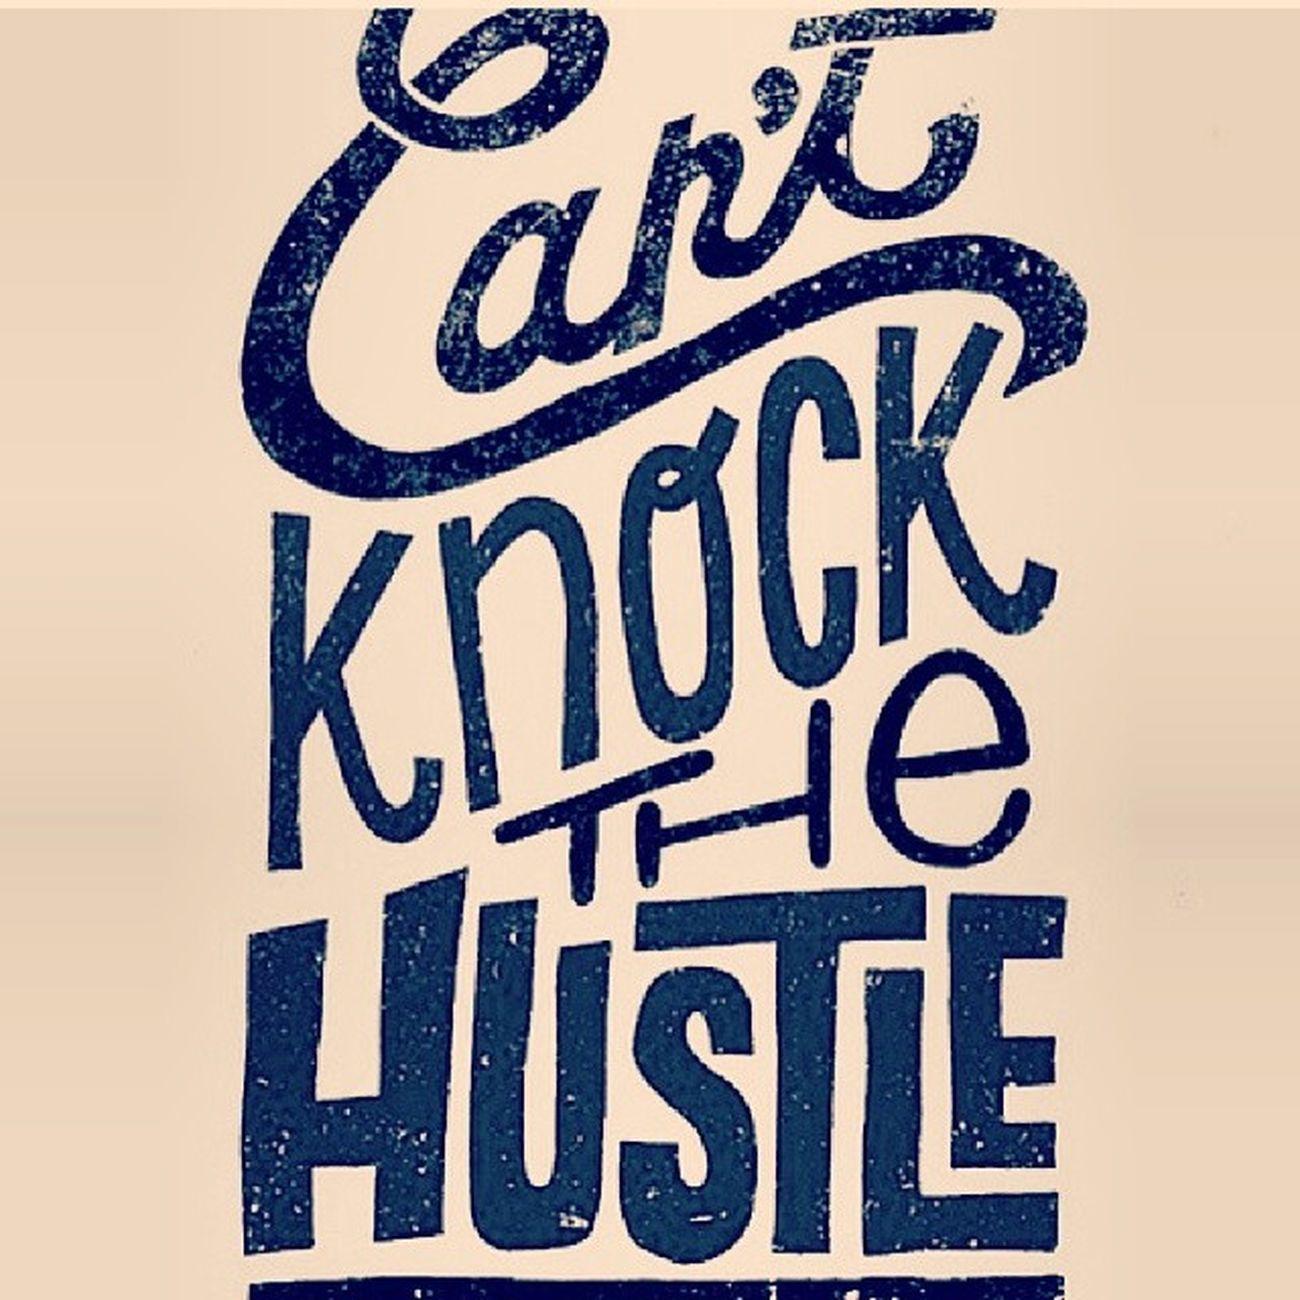 HustleHard Hustlelarge